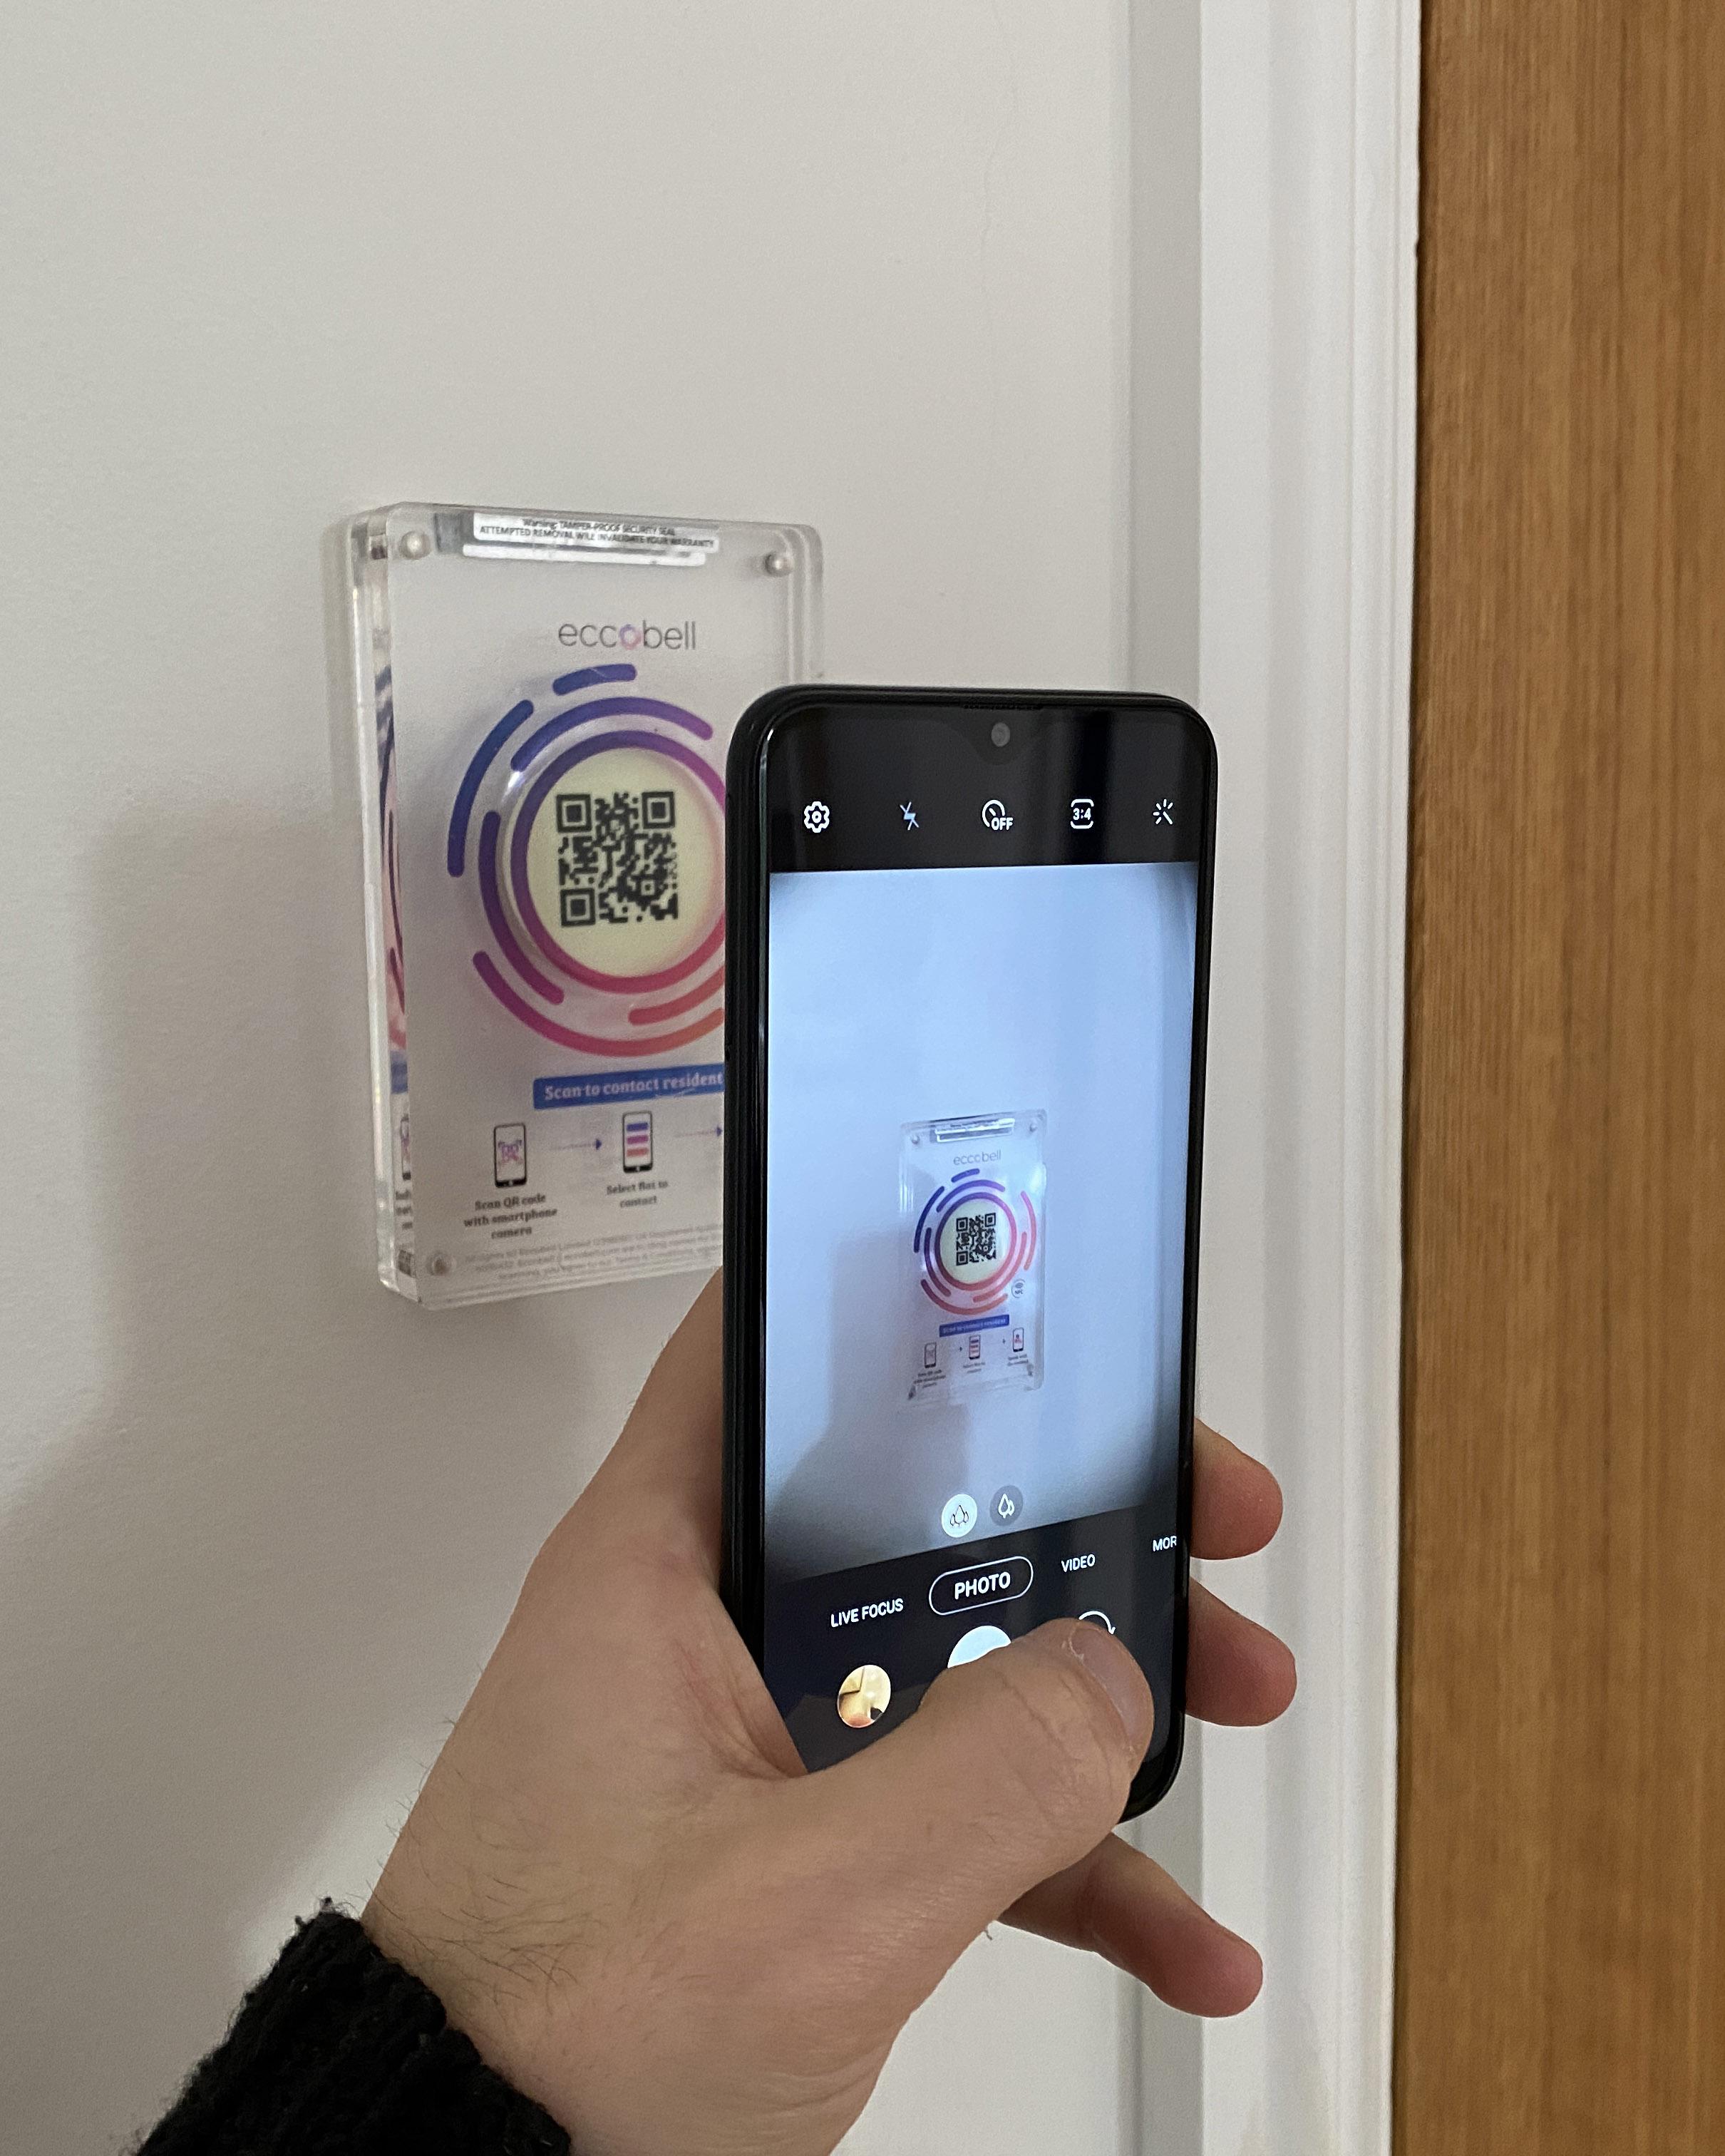 Eccobell Display Code Scan